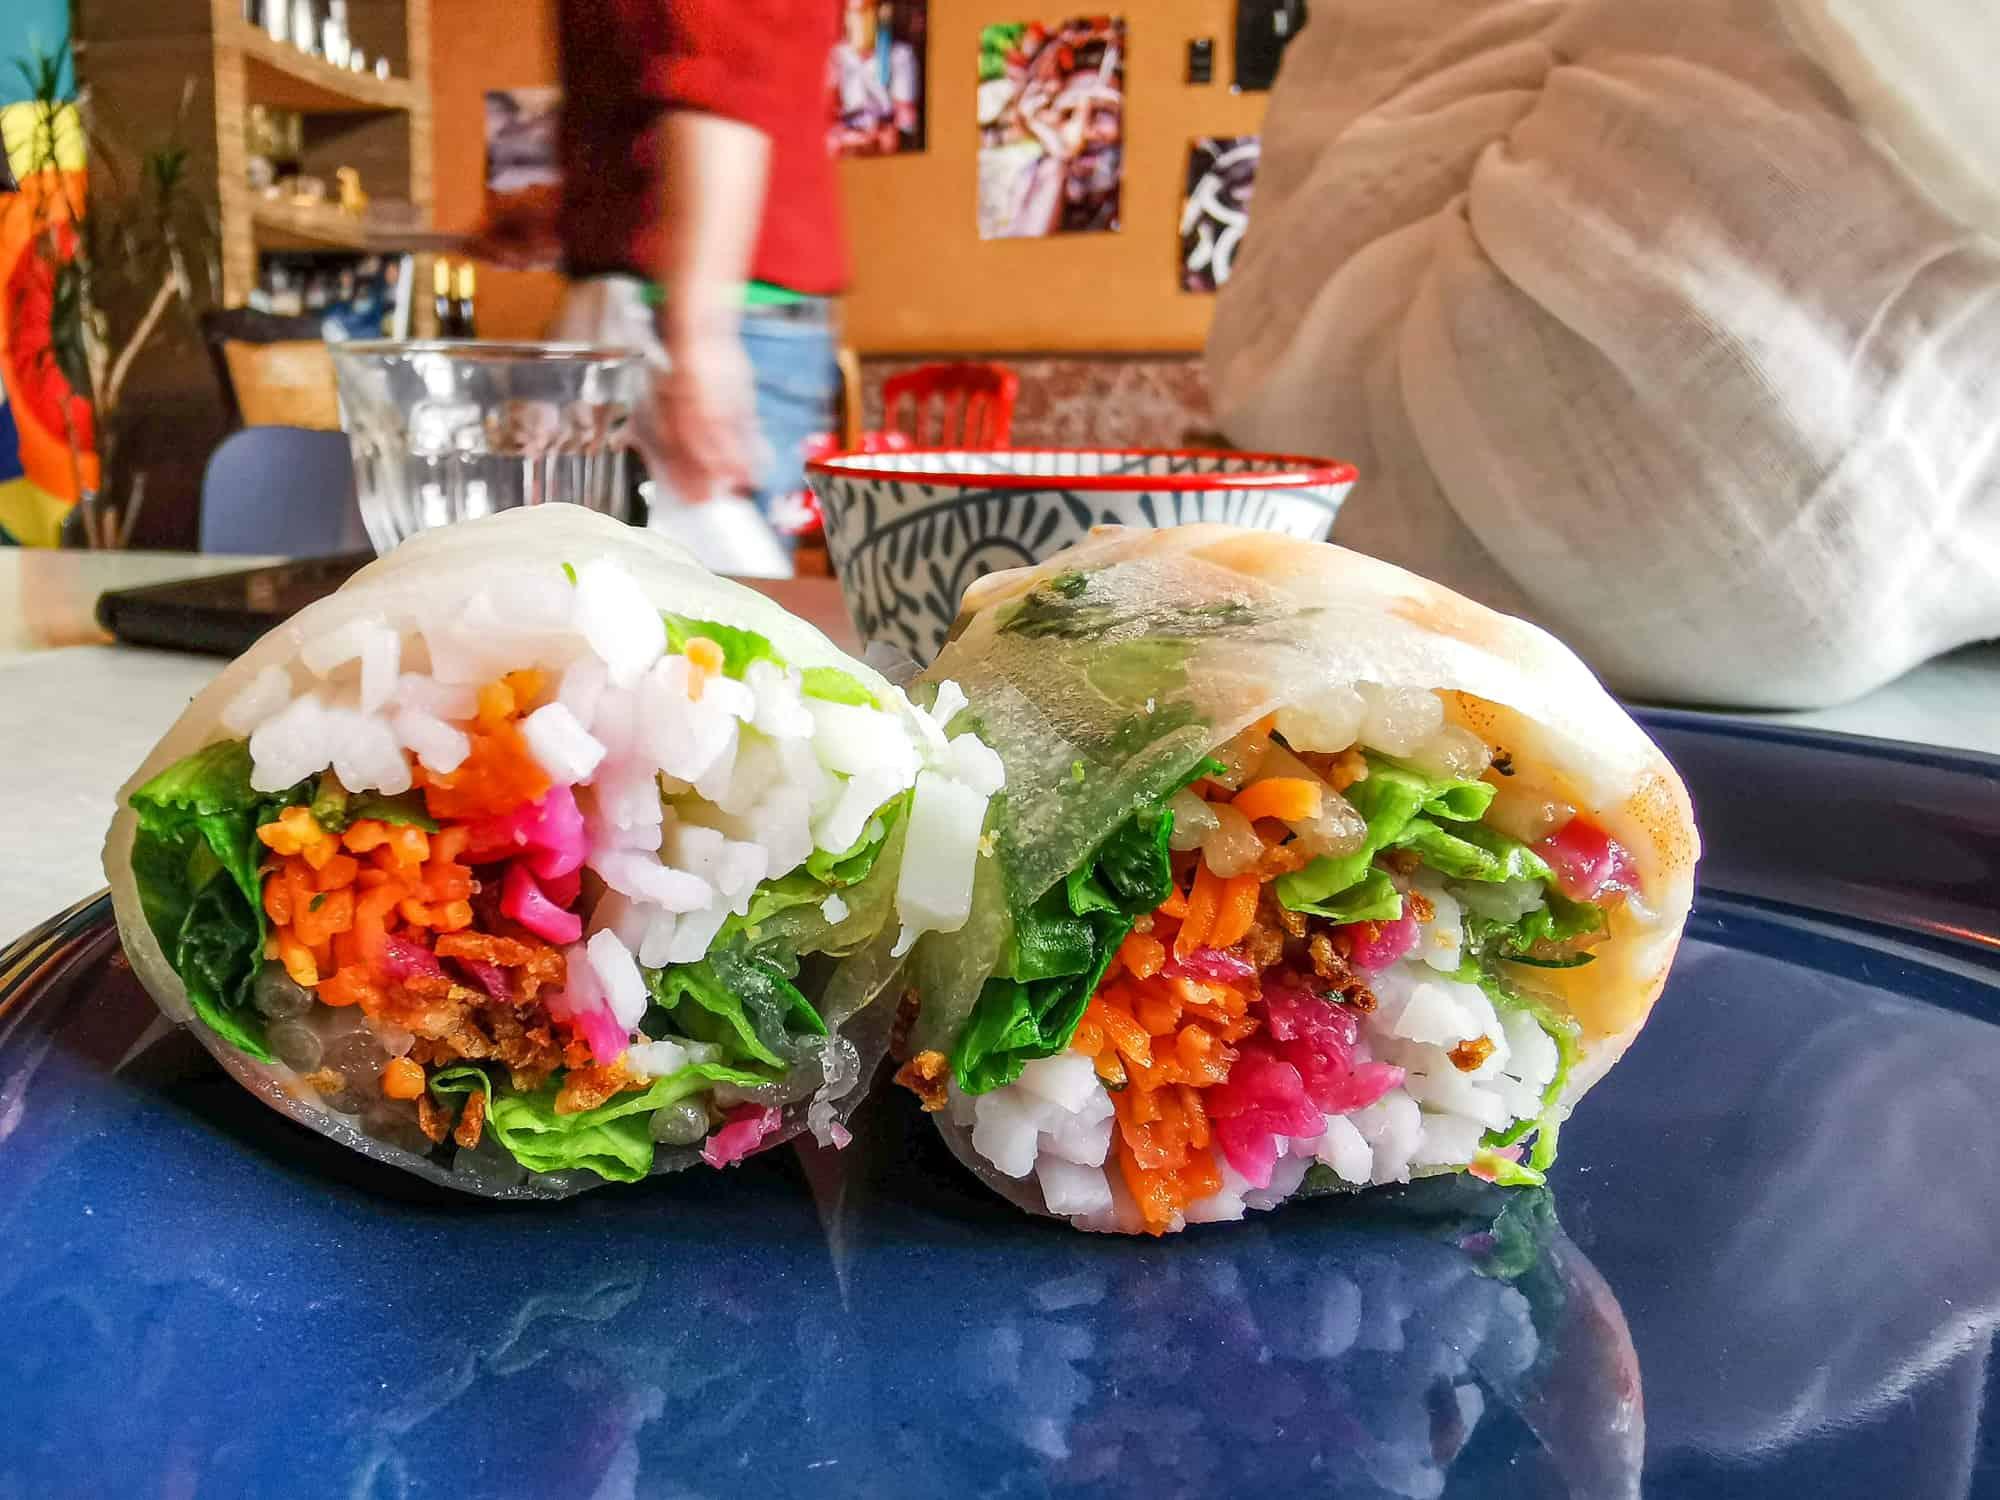 ca-phe-broc-ouest-restaurant-vietnamien-paris-14-bouiboui-18